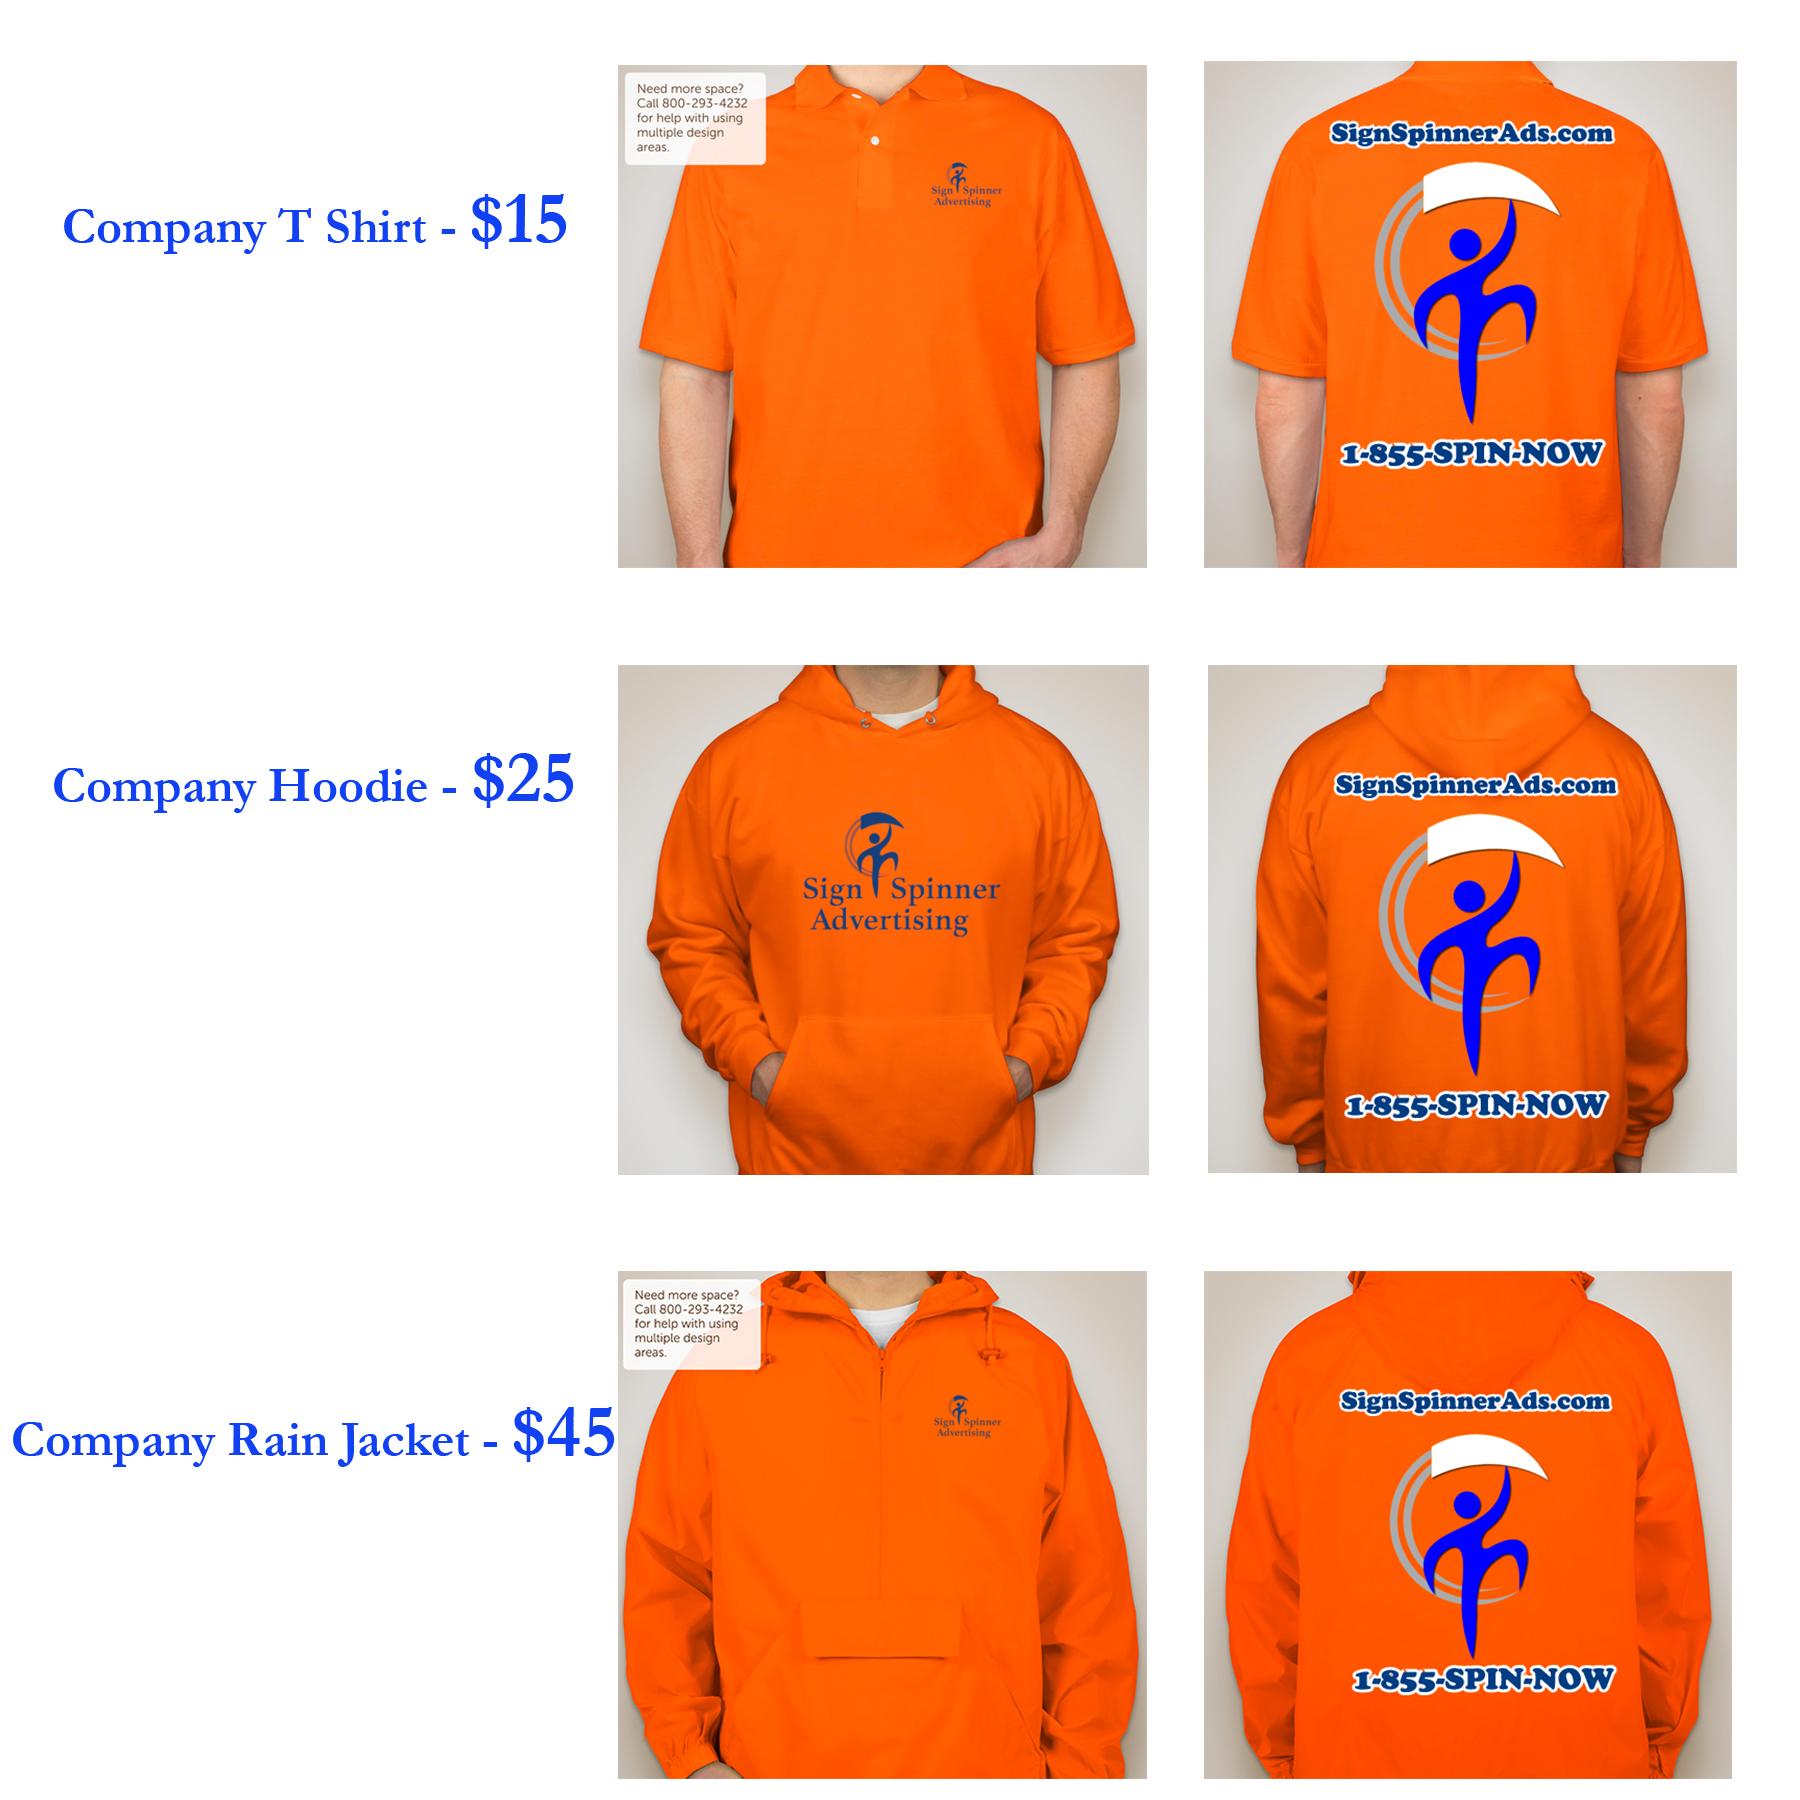 Company Clothing catalog